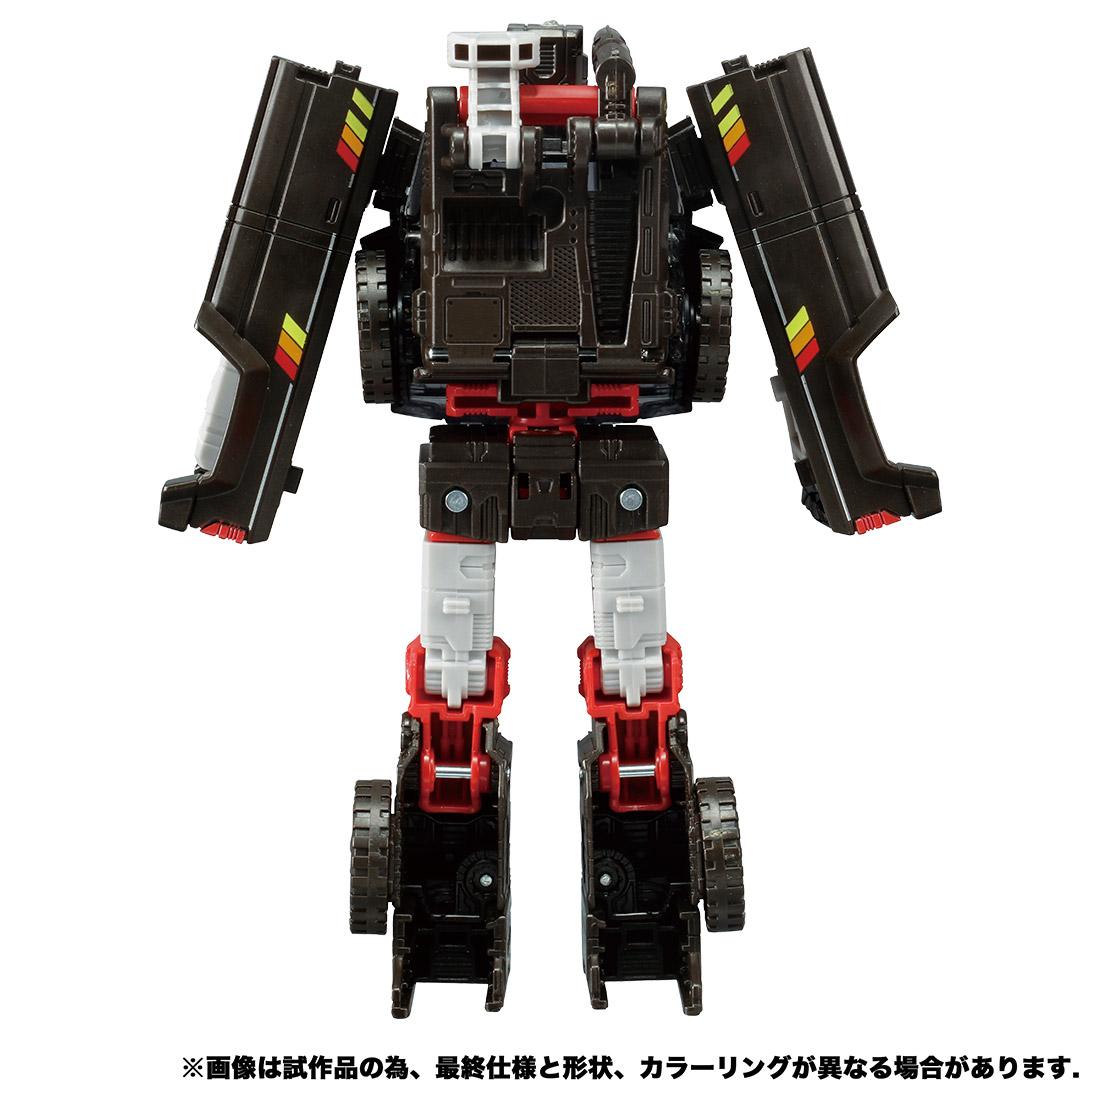 【限定販売】トランスフォーマー アースライズ『ER EX-13 トレイルブレイカー』可変可動フィギュア-004